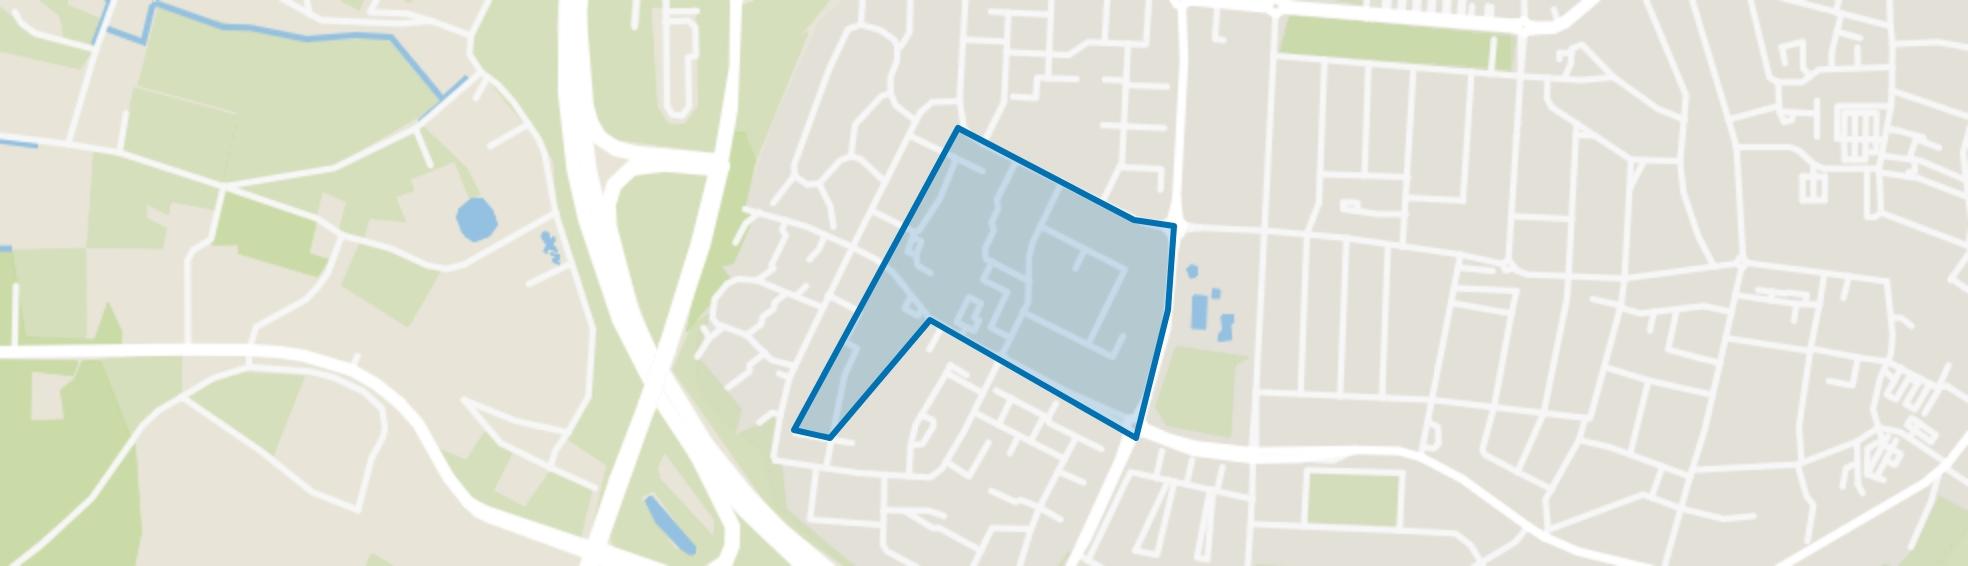 Vossener-Centrum, Venlo map